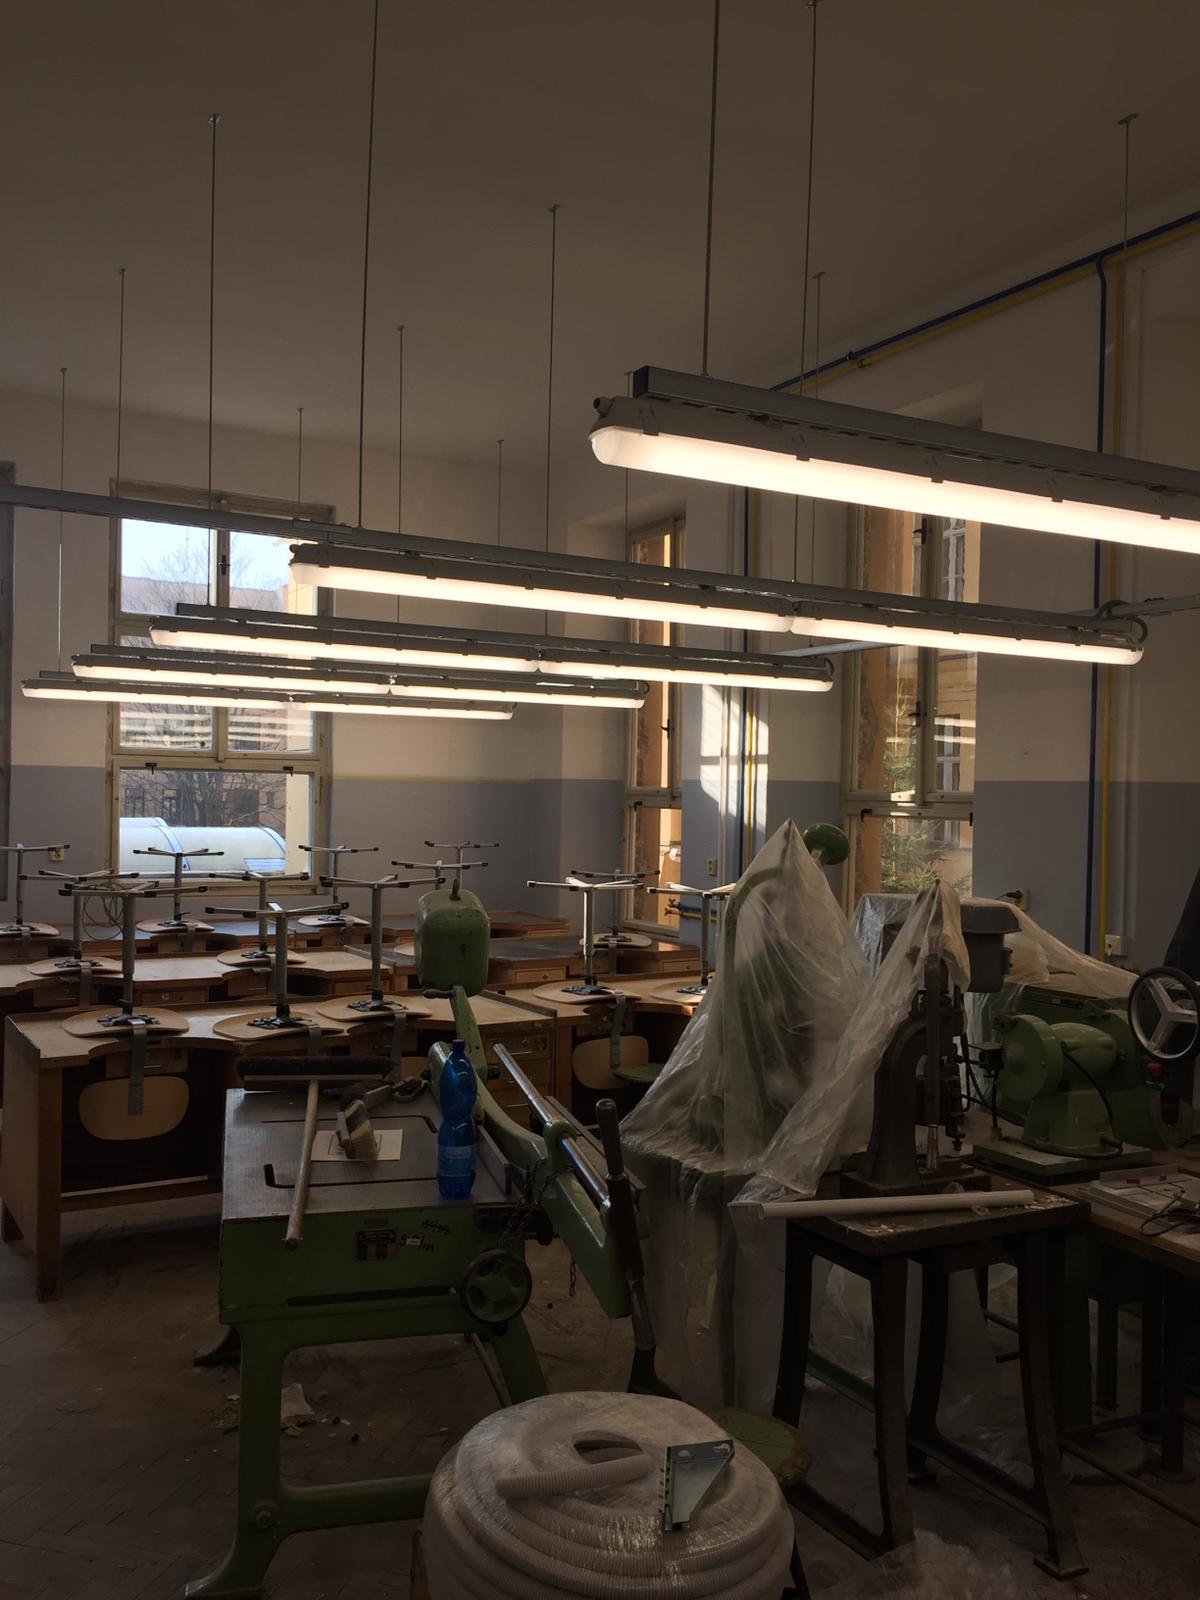 Střední průmyslová škola v Jablonci nad Nisou, LED zářivková svítidla 17